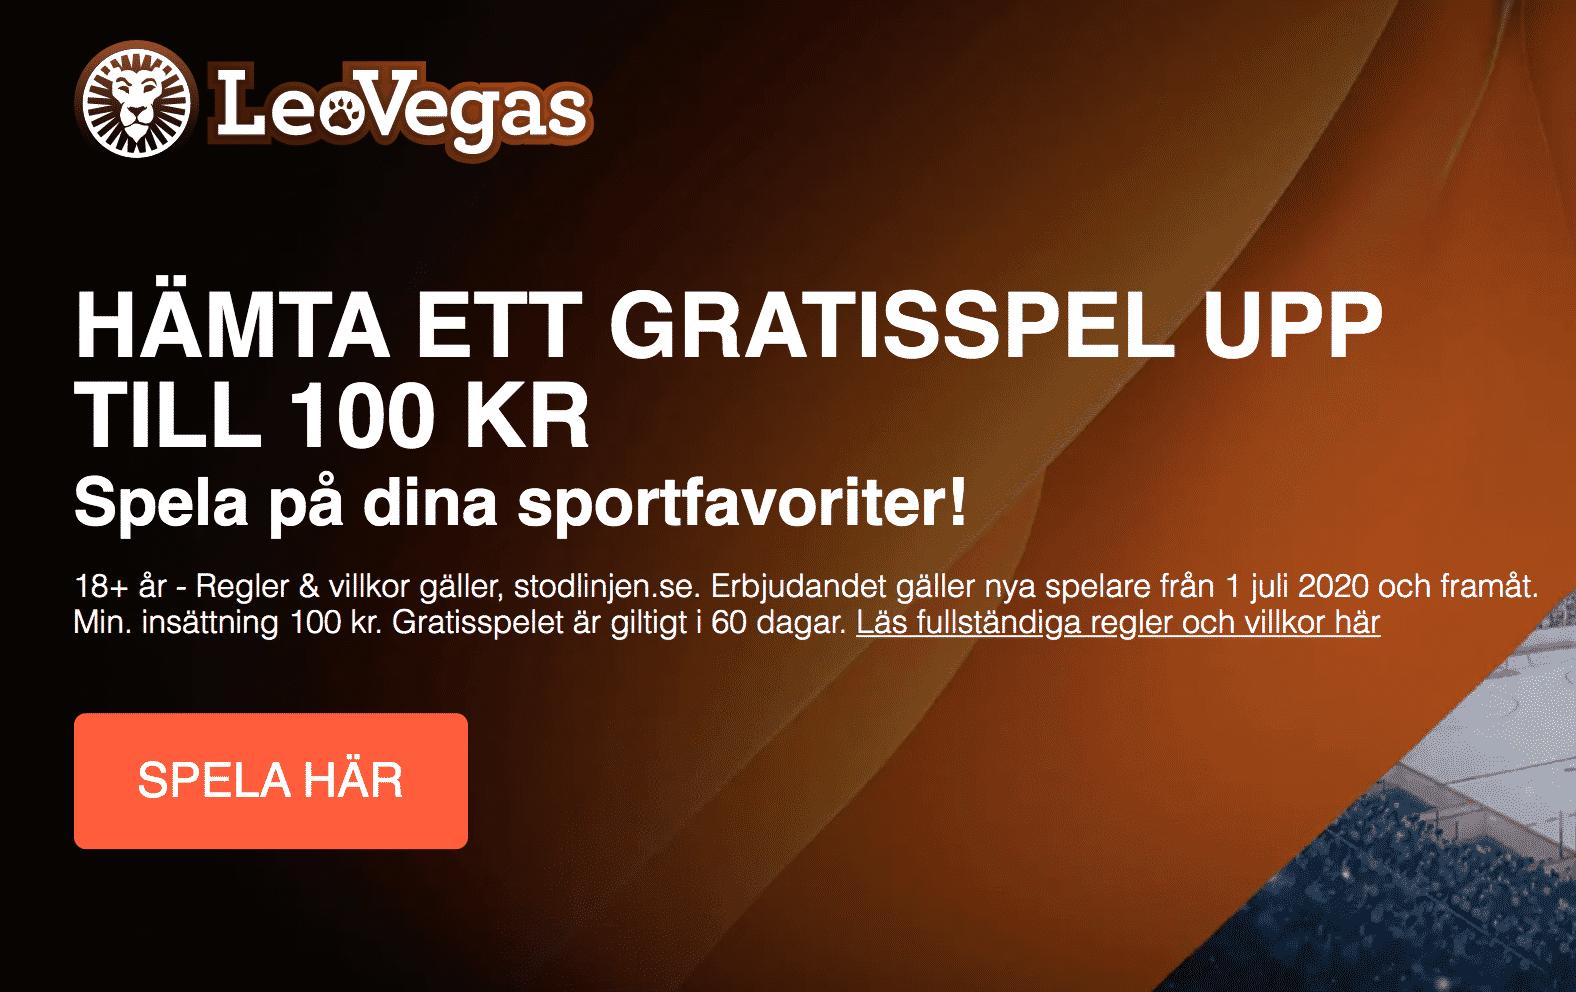 LeoVegas Gratisspel 100 kr